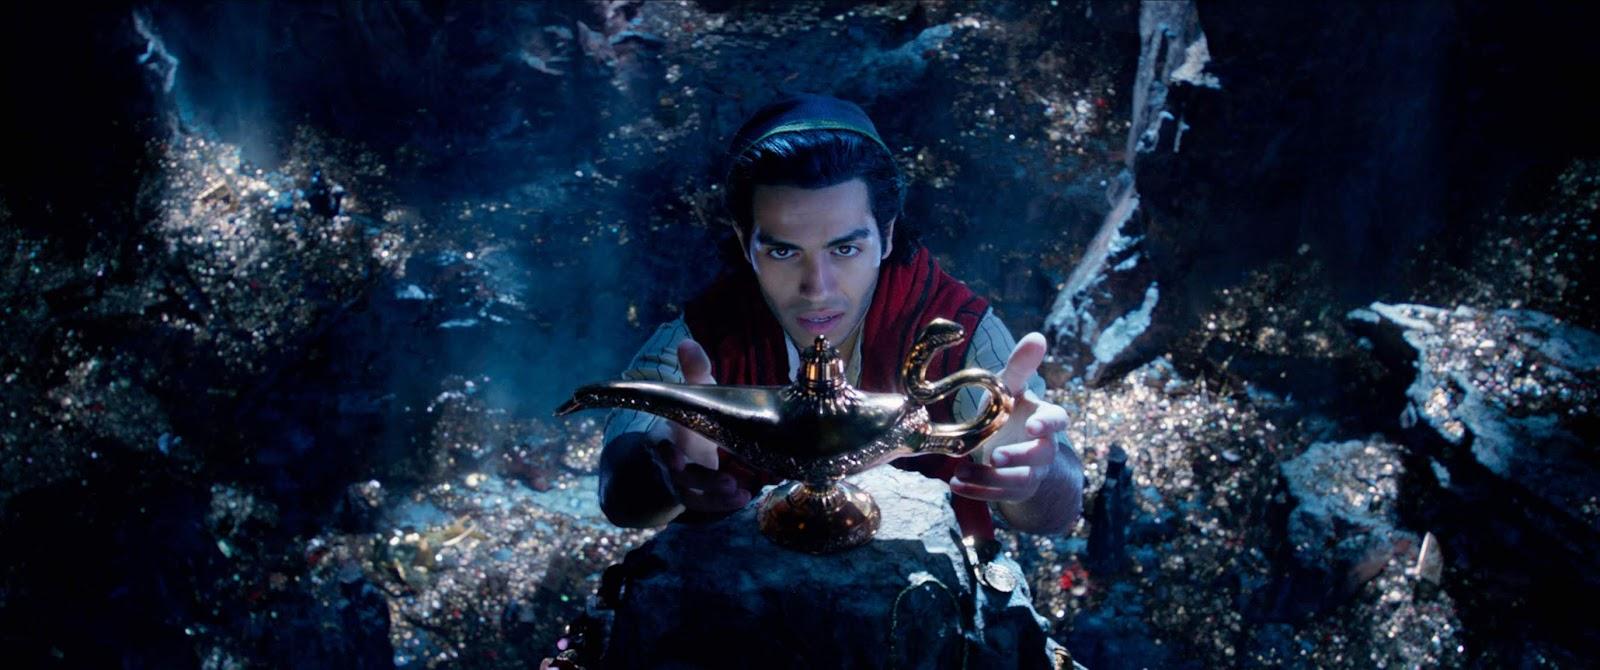 Aladdin 2019 -  Mena Massoud como Aladdin cogiendo la lampara maravillosa